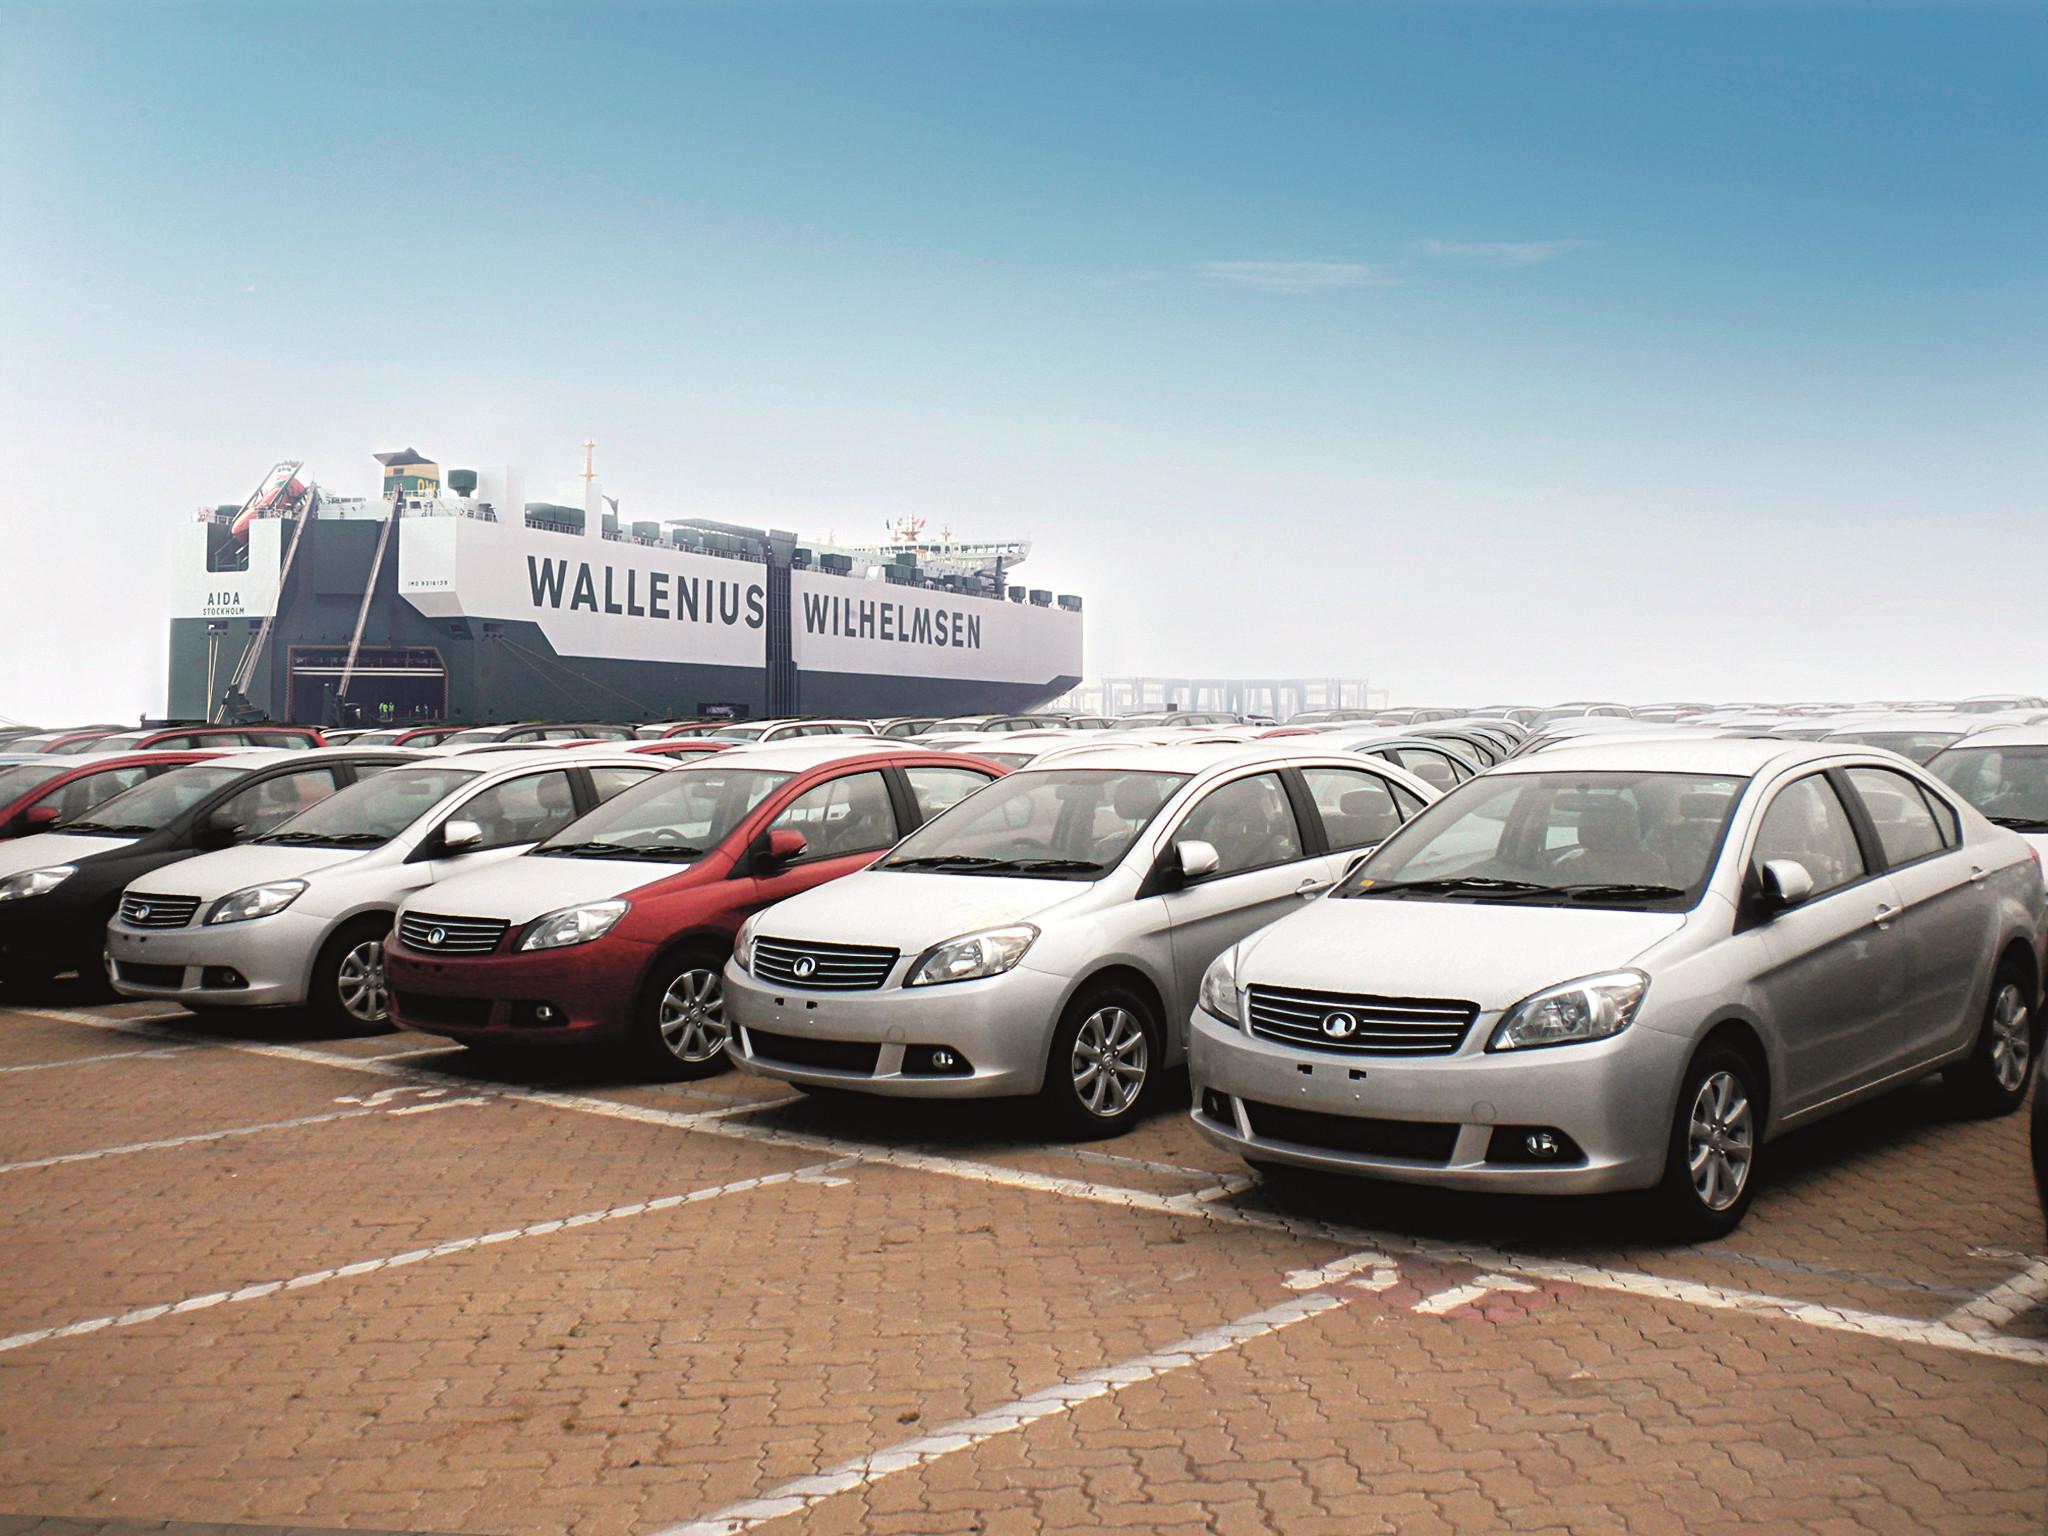 延续长城汽车在国内的成功模式,从细分的皮卡SUV市场切入,然后在细分市场做到最好,并进行下一步的扩张。这是长城汽车和其他中国本土汽车品牌在出口战略上最大的差异。 2004-2007年,俄罗斯市场曾经是中国汽车品牌最大的海外热土,很多在国内甚至很少看到的汽车品牌都到俄罗斯市场掘金。但是随着中国汽车的蜂拥而入,并不断高调的抢占市场,引起了俄罗斯政府高层的警惕,同时俄罗斯媒体对于中国汽车产品质量的质疑也到了一个高潮。有第三方认证机构NCAP把奇瑞旗云和吉利自由舰拿来做碰撞试验,最终得了最低分。为此俄罗斯筑起了